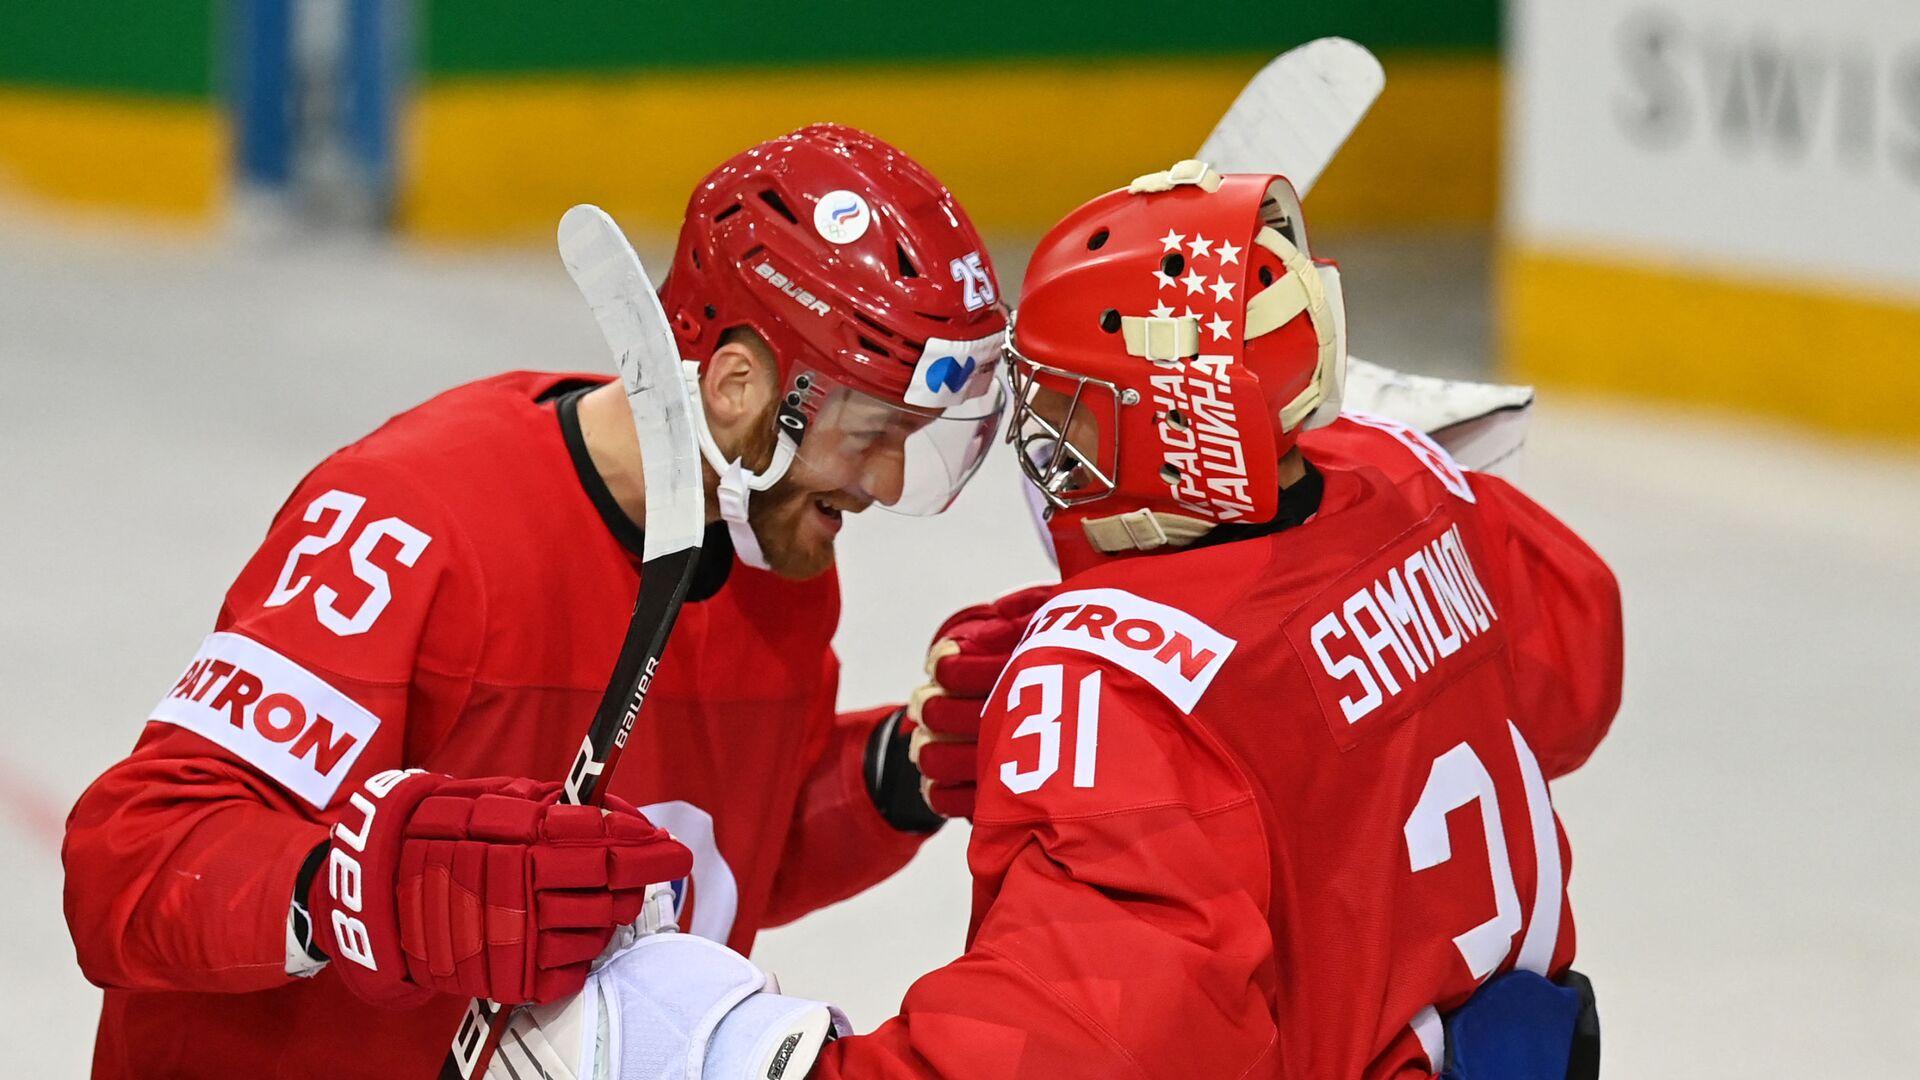 Vrchol emocí. Nejvýraznější záběry z Mistrovství světa v ledním hokeji 2021 - Sputnik Česká republika, 1920, 03.06.2021